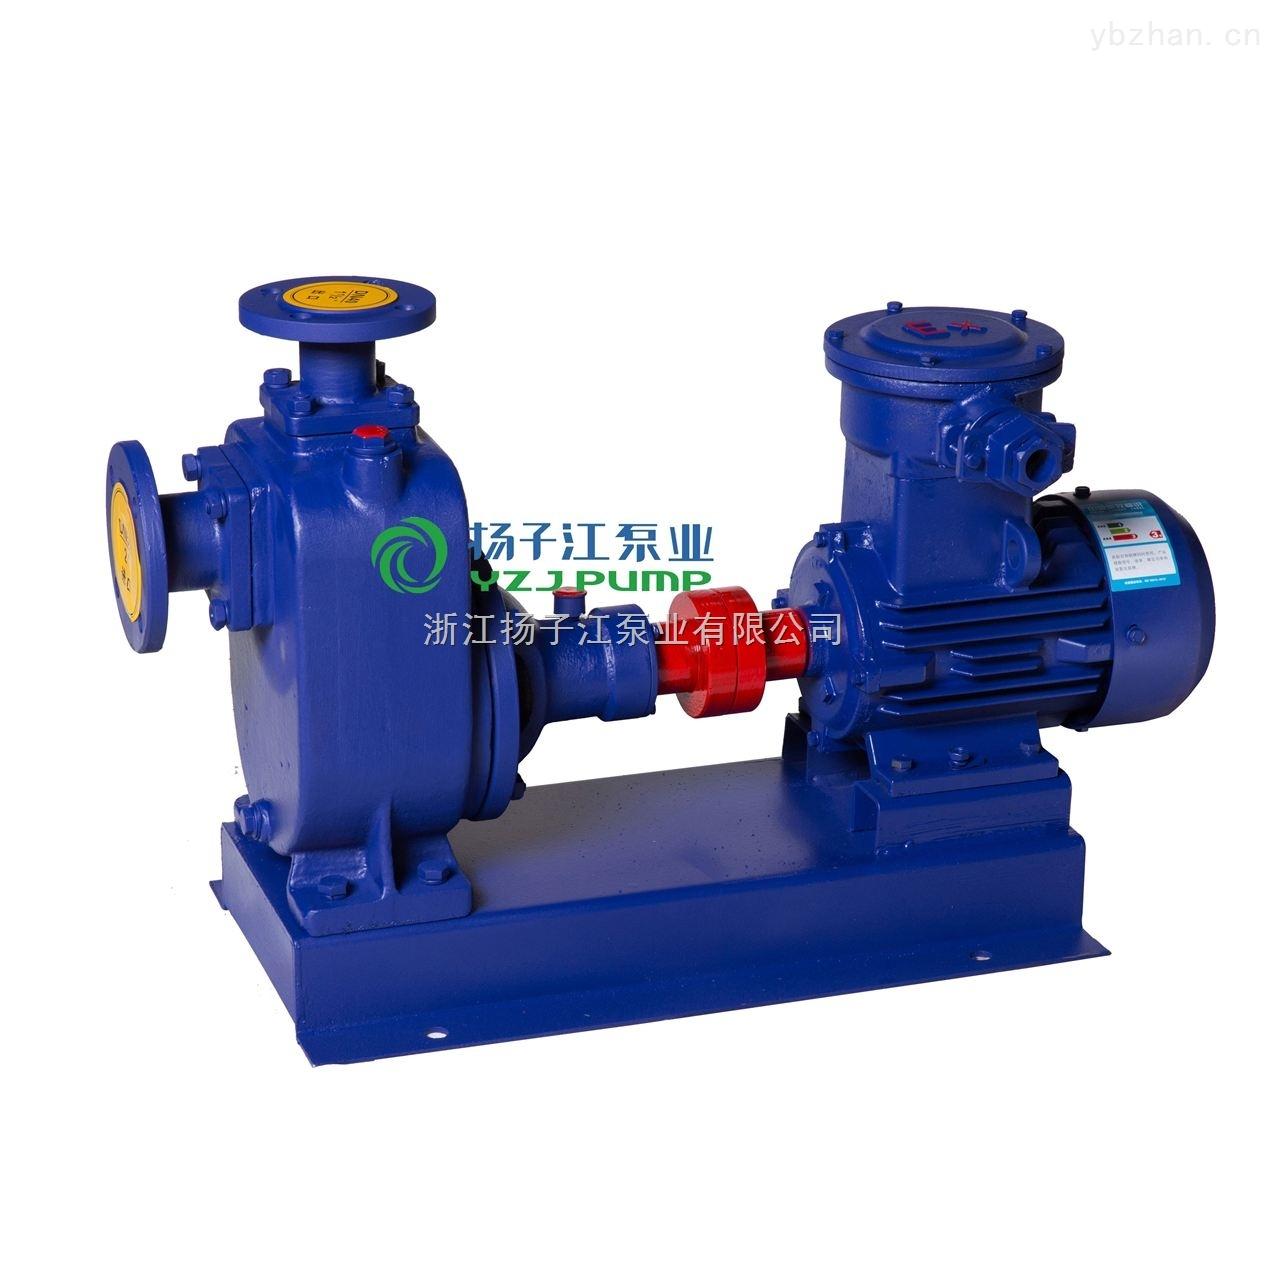 油泵:CYZ-A型防爆銅葉輪自吸式離心油泵